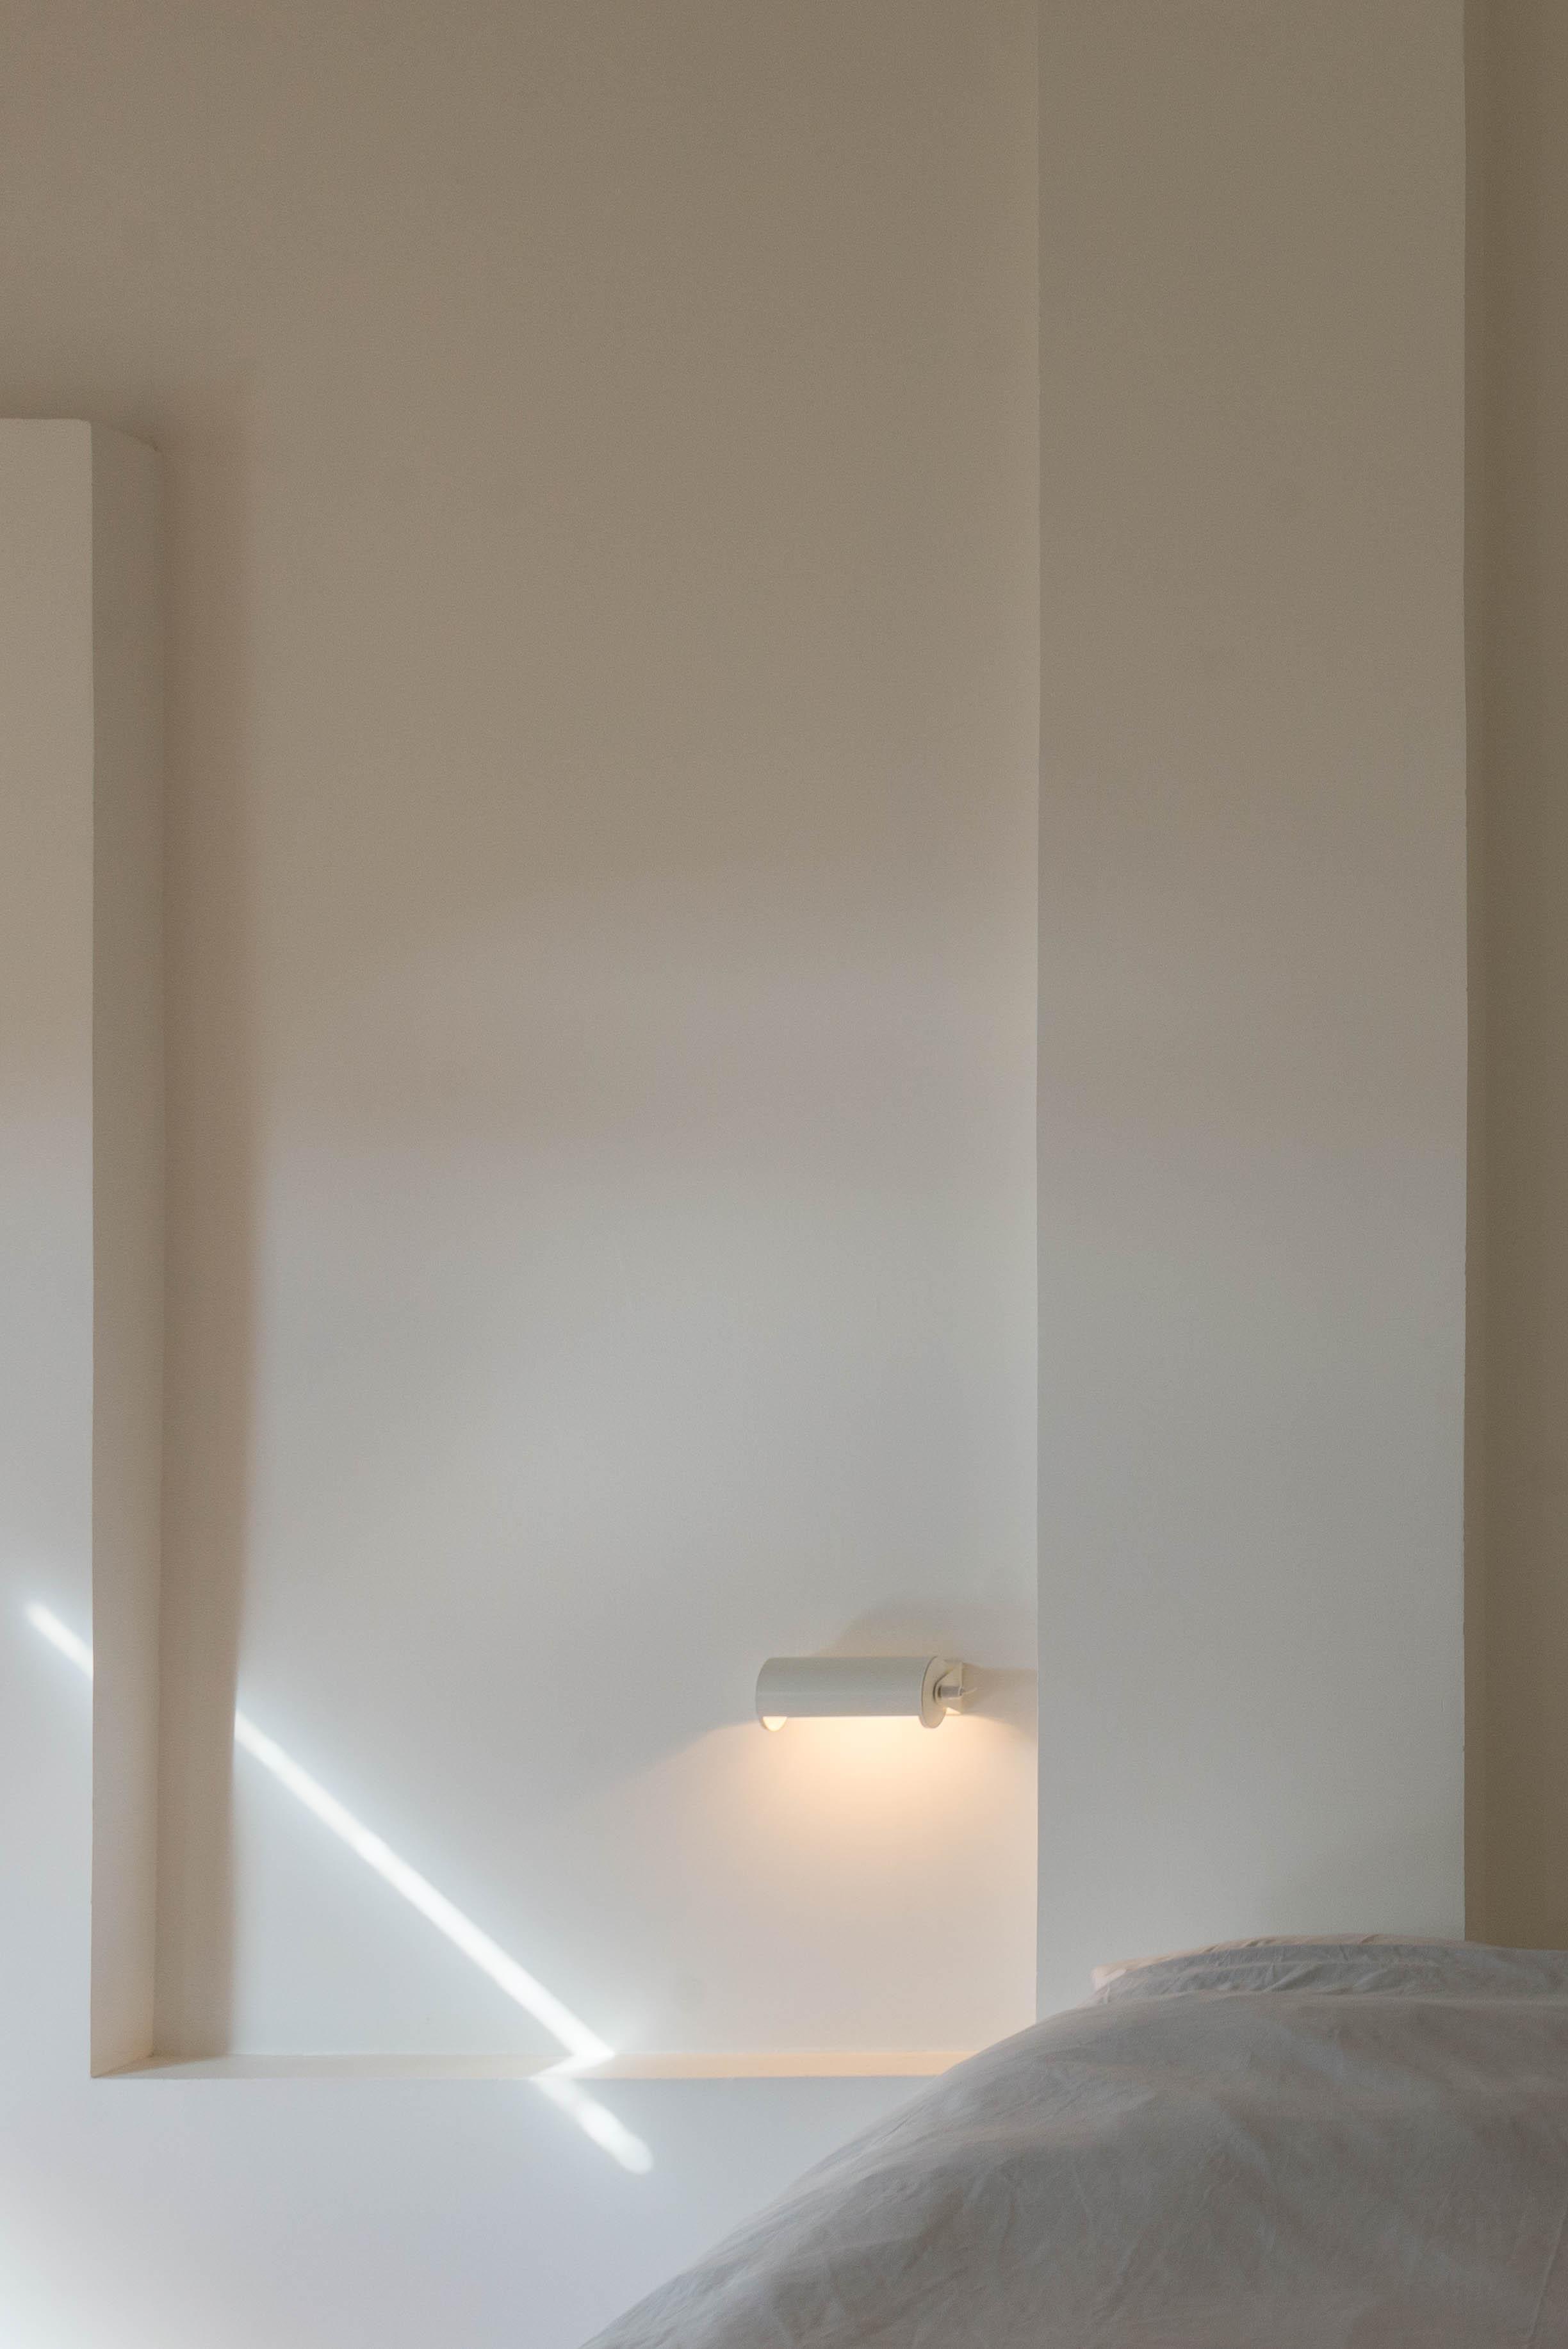 interieur01